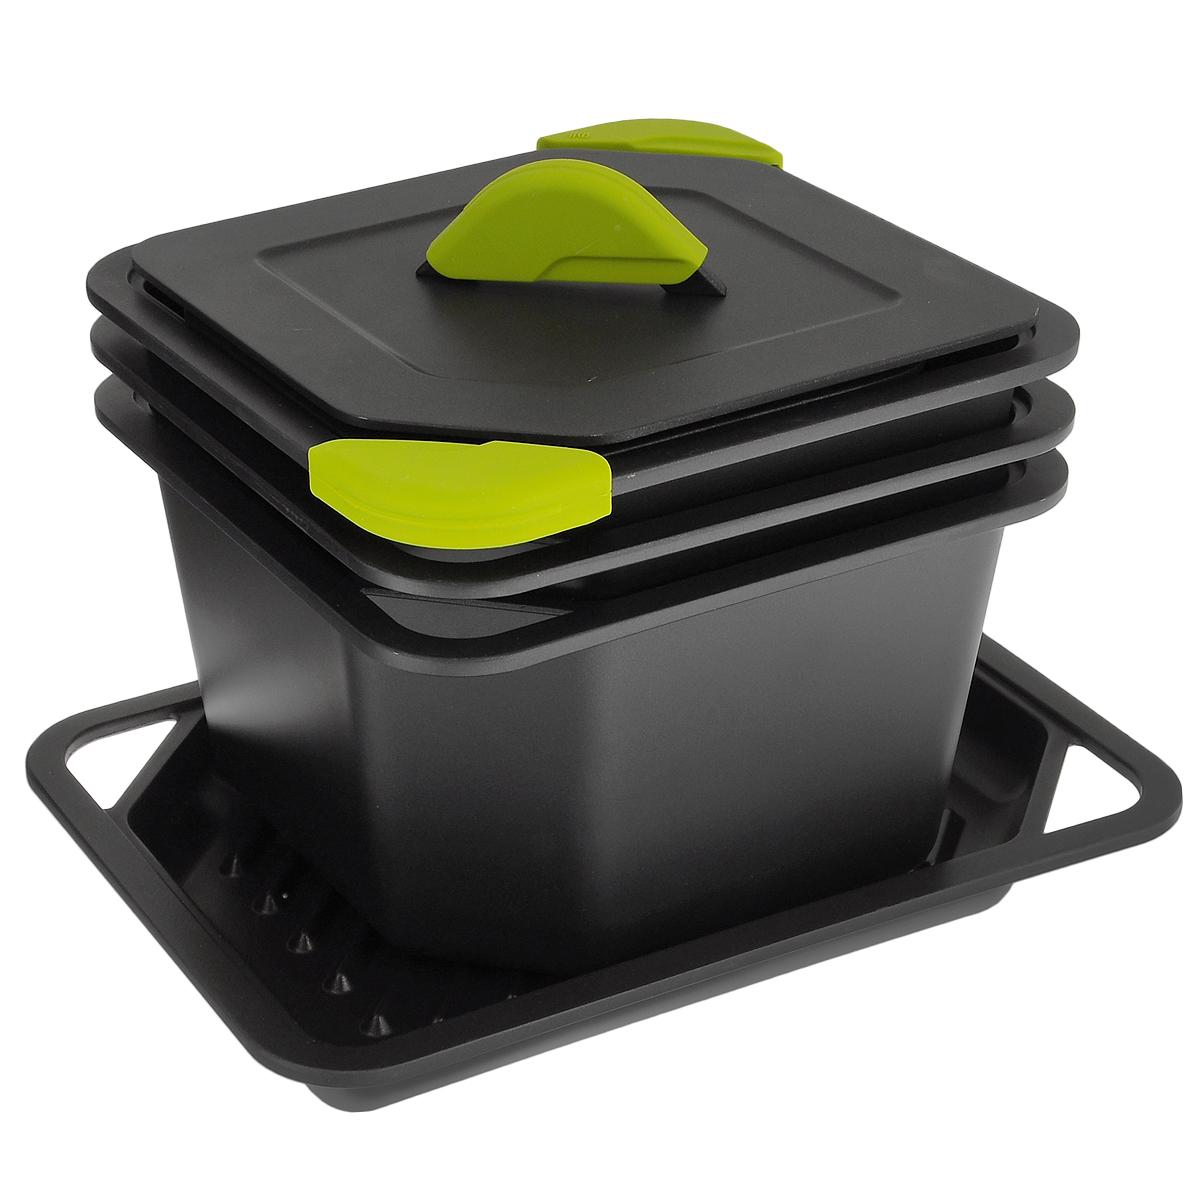 Набор посуды Iris Barcelona Quadro, с антипригарным покрытием, 9 предметов7105-AНабор посуды Iris Barcelona Quadro - это инновационный набор сковородок необычной формы, который позволяет готовить пищу как на плите, так и в духовке. Сковороды представляют собой формы, в которых можно и жарить, и запекать, и варить. В наборе имеется одна глубокая сковорода, одна средняя сковорода, одна низкая сковорода, прямоугольная сковорода-гриль, 2 крышки и 3 силиконовые прихватки. Посуда выполнена из прочного литого алюминия, который гарантирует равномерное распределение тепла и превосходное приготовление пищи. Не содержит вредной примеси PFOA. Посуда имеет антипригарное покрытие Ilag, выполненное по швейцарской технологии. Три слоя покрытия Durit Select делают посуду устойчивой к появлению царапин и облегчают процесс мытья. Материал изделия невероятно прочен и не теряет свою форму длительное время. Эргономичная форма посуды позволяет использовать для приготовления пищи сразу все сковороды, они поместятся и на газовой, и на стеклокерамической плите. Поэтому можно готовить сразу несколько блюд, а разная глубина изделий предусматривает разные способы обработки пищи: варка, тушение, гриль или жарка. Сковорода-гриль позволит приготовить здоровую пищу. Благодаря специальным желобкам, лишний жир будет стекать вниз. Это позволит пище избегать контакта с излишками жиров и сохранить свои пищевые свойства. В наборе имеются 2 крышки, их можно использовать двумя разными способами: полностью закрыть сковороду, что предотвратит выход пара наружу и сделает вкус блюд насыщенным, или повернуть крышку на 90° и дать воздуху свободно циркулировать. Съемные силиконовые прихватки обеспечивают безопасное использование. Их можно надеть на ручки сковород или на ручки крышек. Сковороды удобно складываются друг в друга, что выгодно экономит пространство на кухне. Посуду можно использовать на всех типах плит, включая индукционные, а также в духовом шкафу. Объем сковород: 1,7 л; 3,7 л; 5,5 л. Внутренний разм